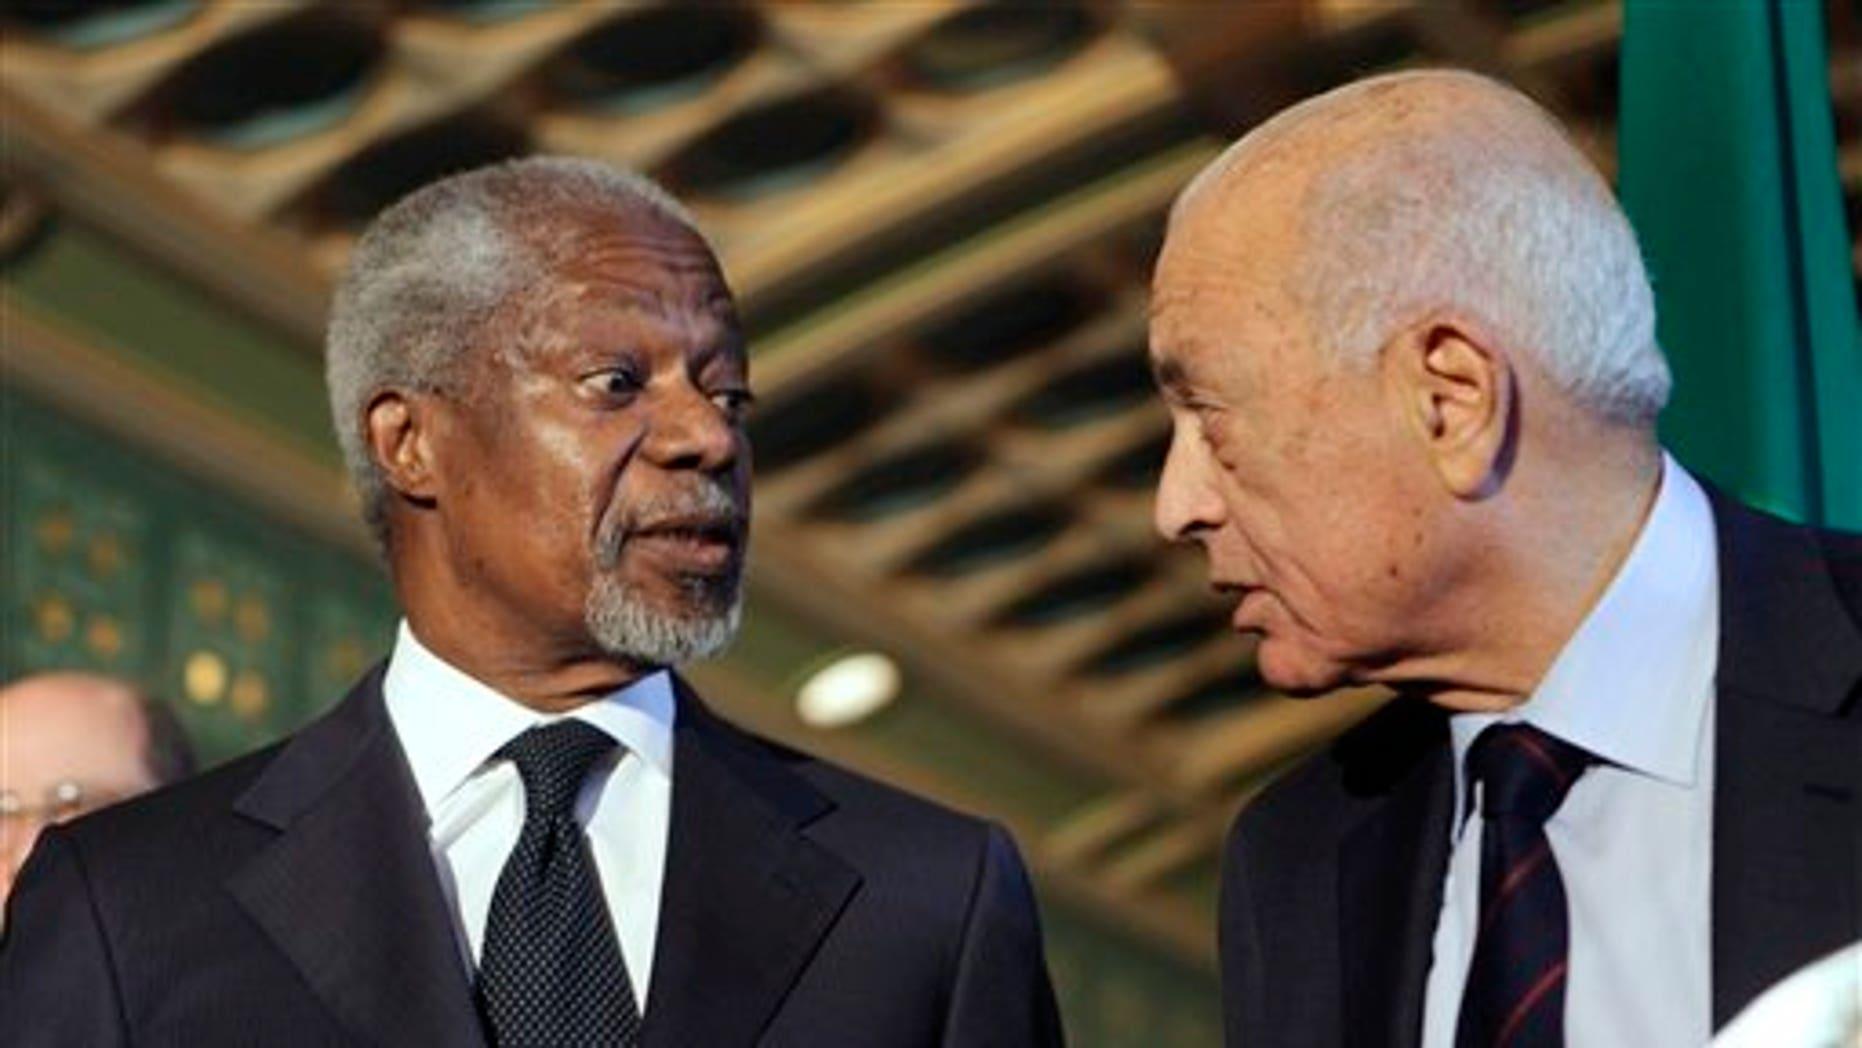 March 8: Former U.N. chief Kofi Annan, left, listens to Arab League chief Nabil Elaraby during a presser following their meeting at the Arab league headquarters in Cairo, Egypt.